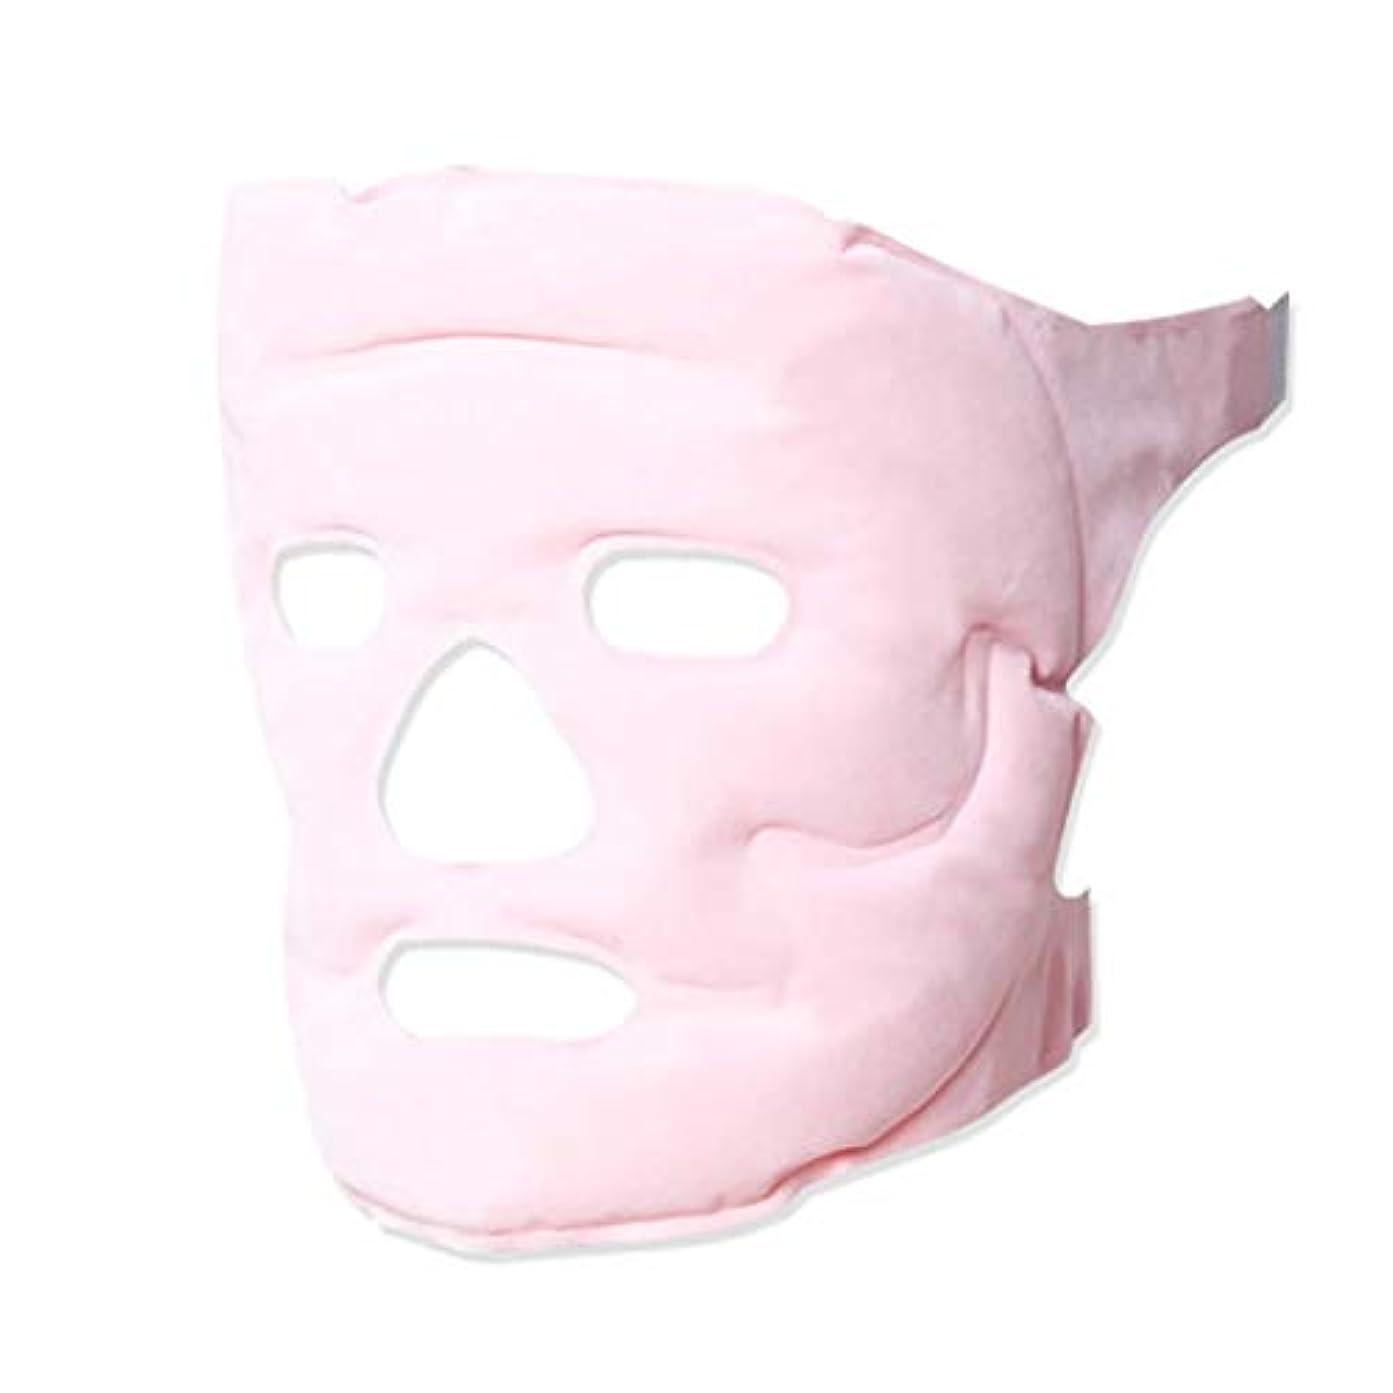 トレーダー鉄豚肉vフェイスマスク睡眠薄い顔で美容マスク磁気療法リフティングフェイシャル引き締め判決パターン包帯アーティファクトピンク